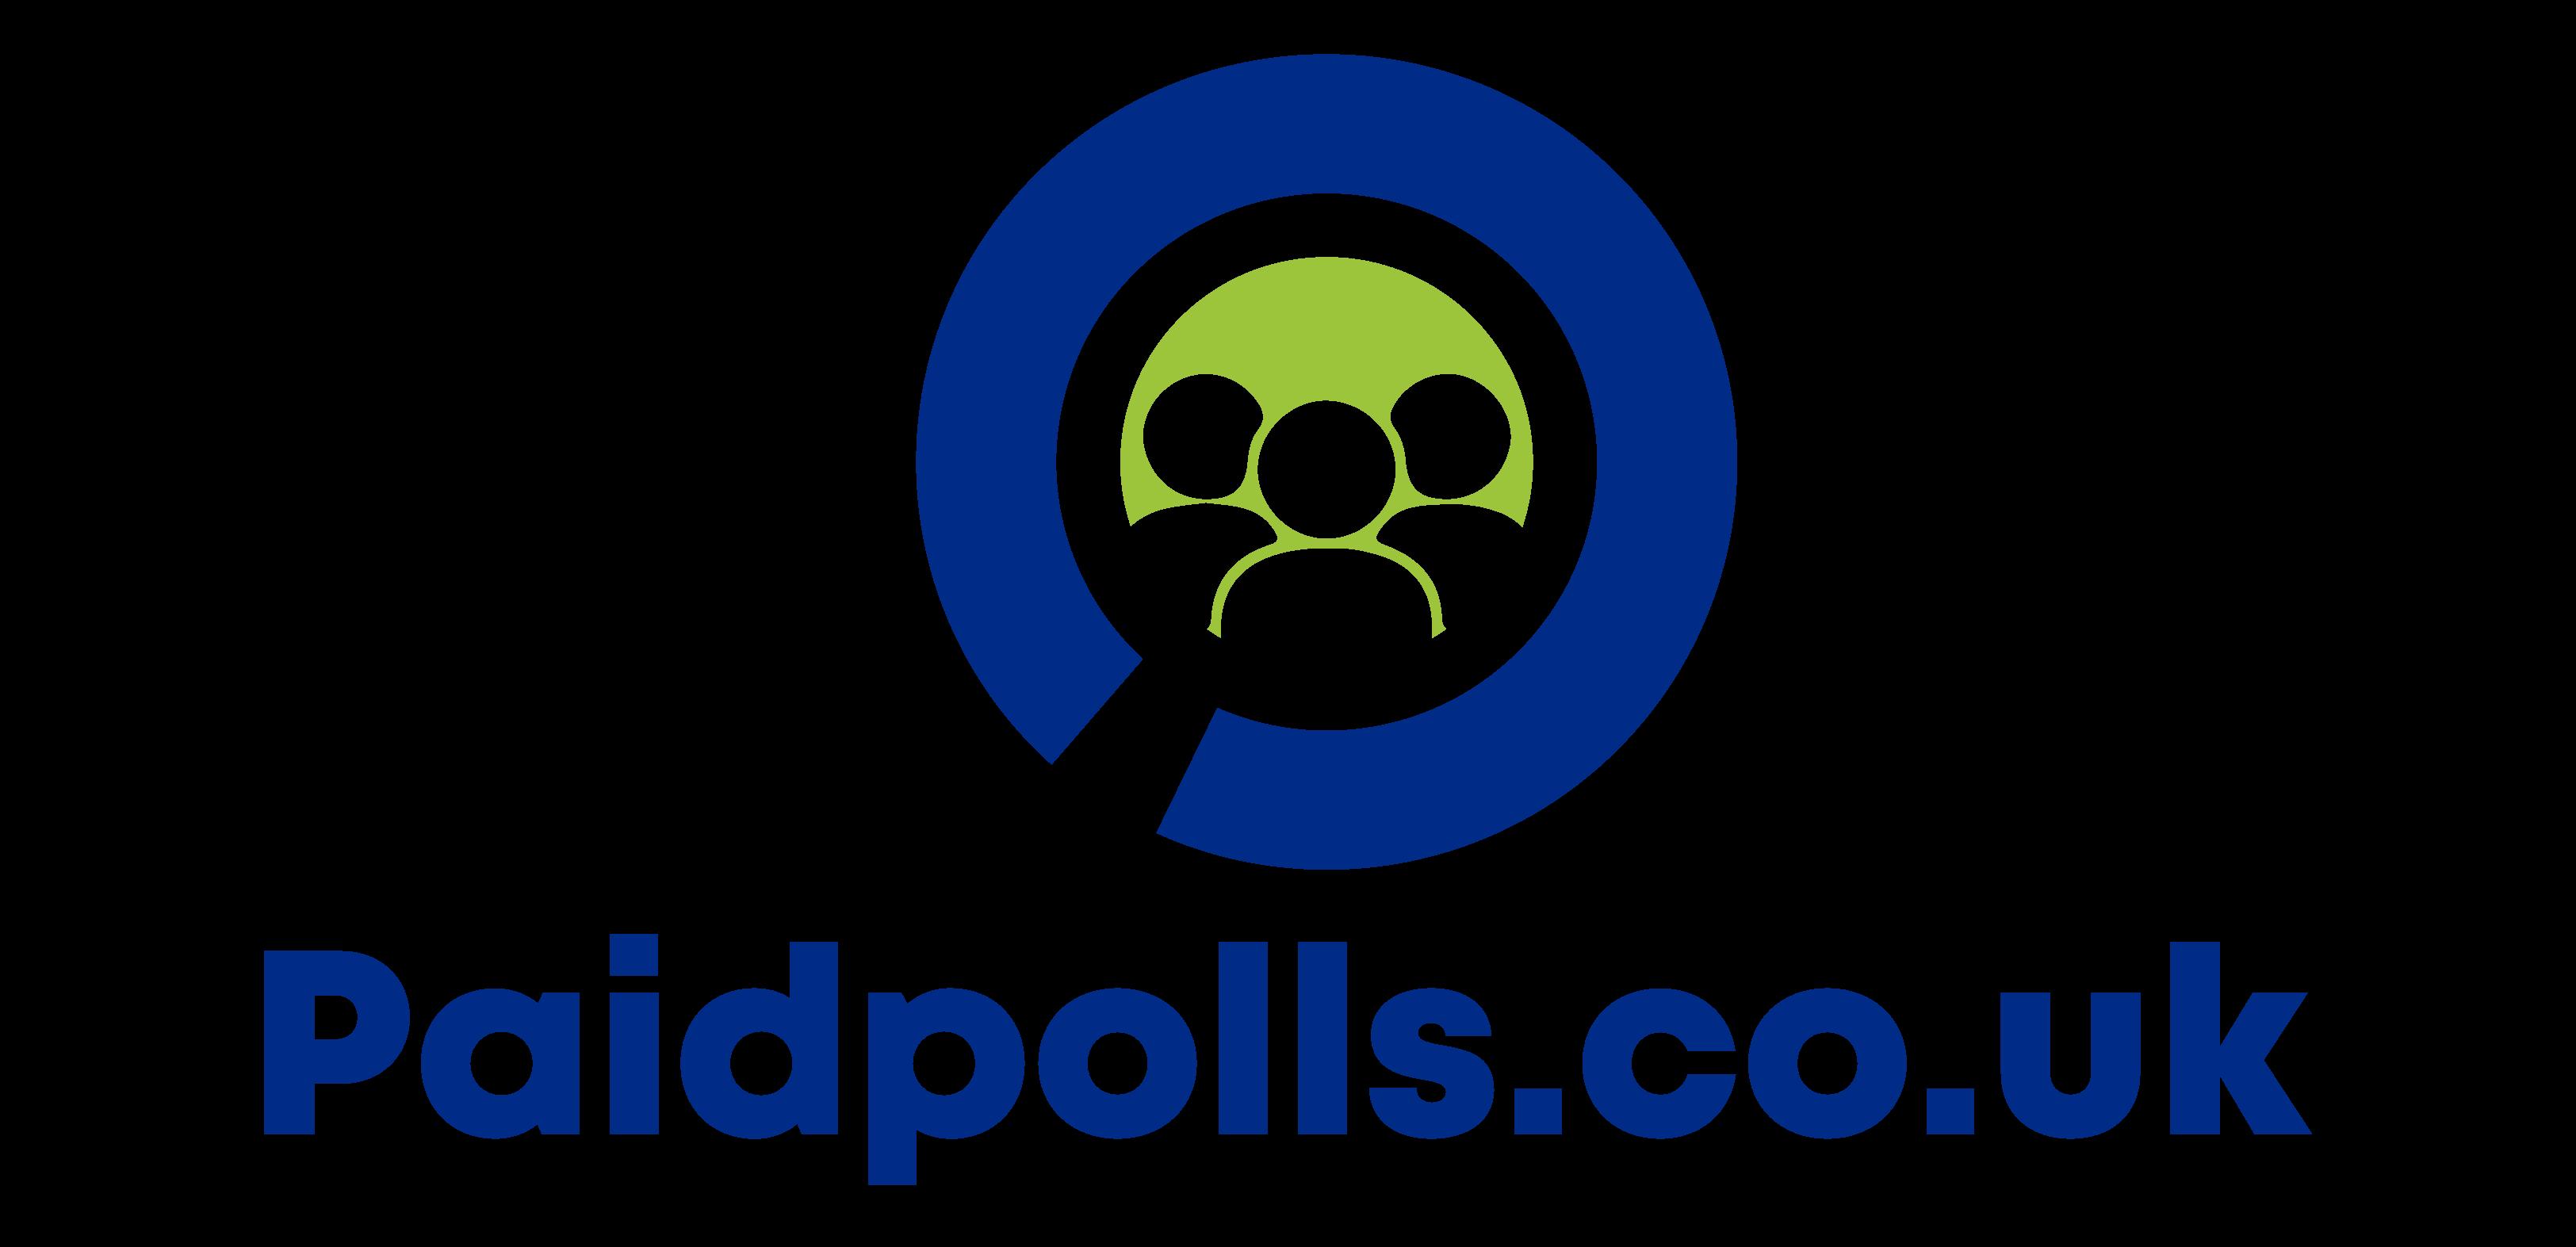 Paidpolls.co.uk